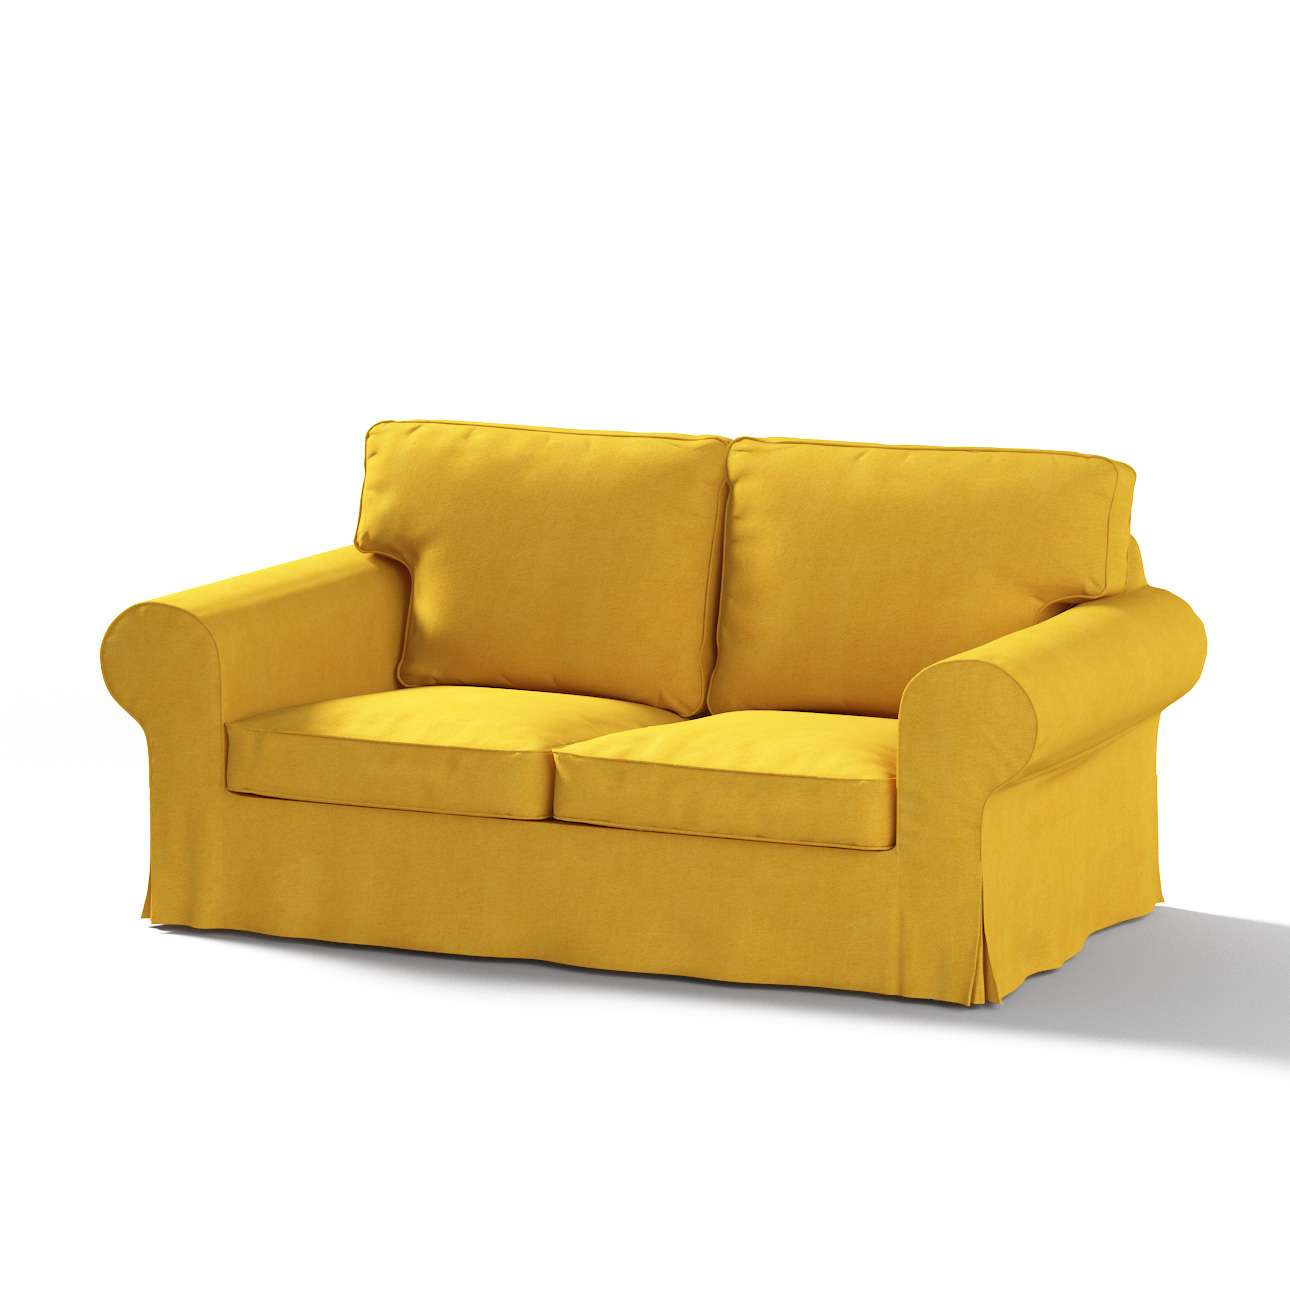 Pokrowiec na sofę Ektorp 2-osobową, rozkładaną, model do 2012 w kolekcji Etna, tkanina: 705-04